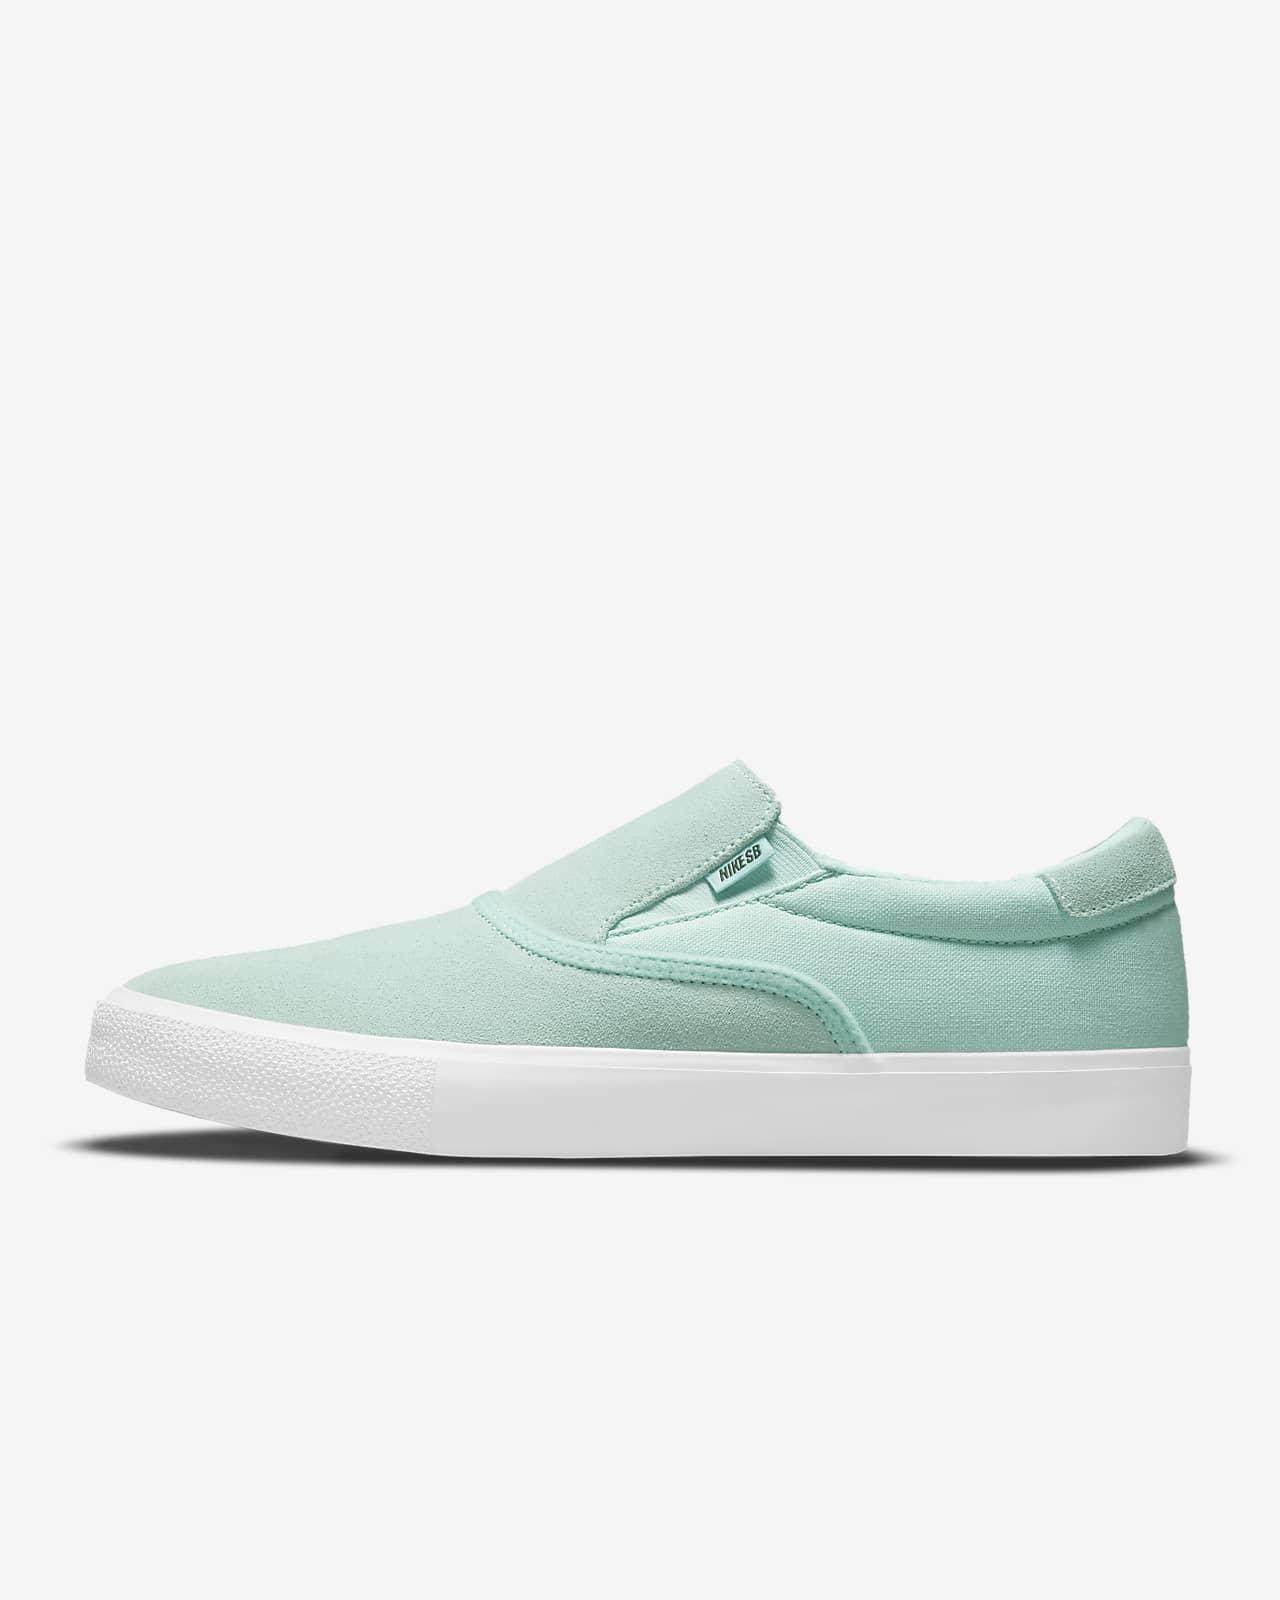 Nike SB Zoom Verona Slip Skate Shoe